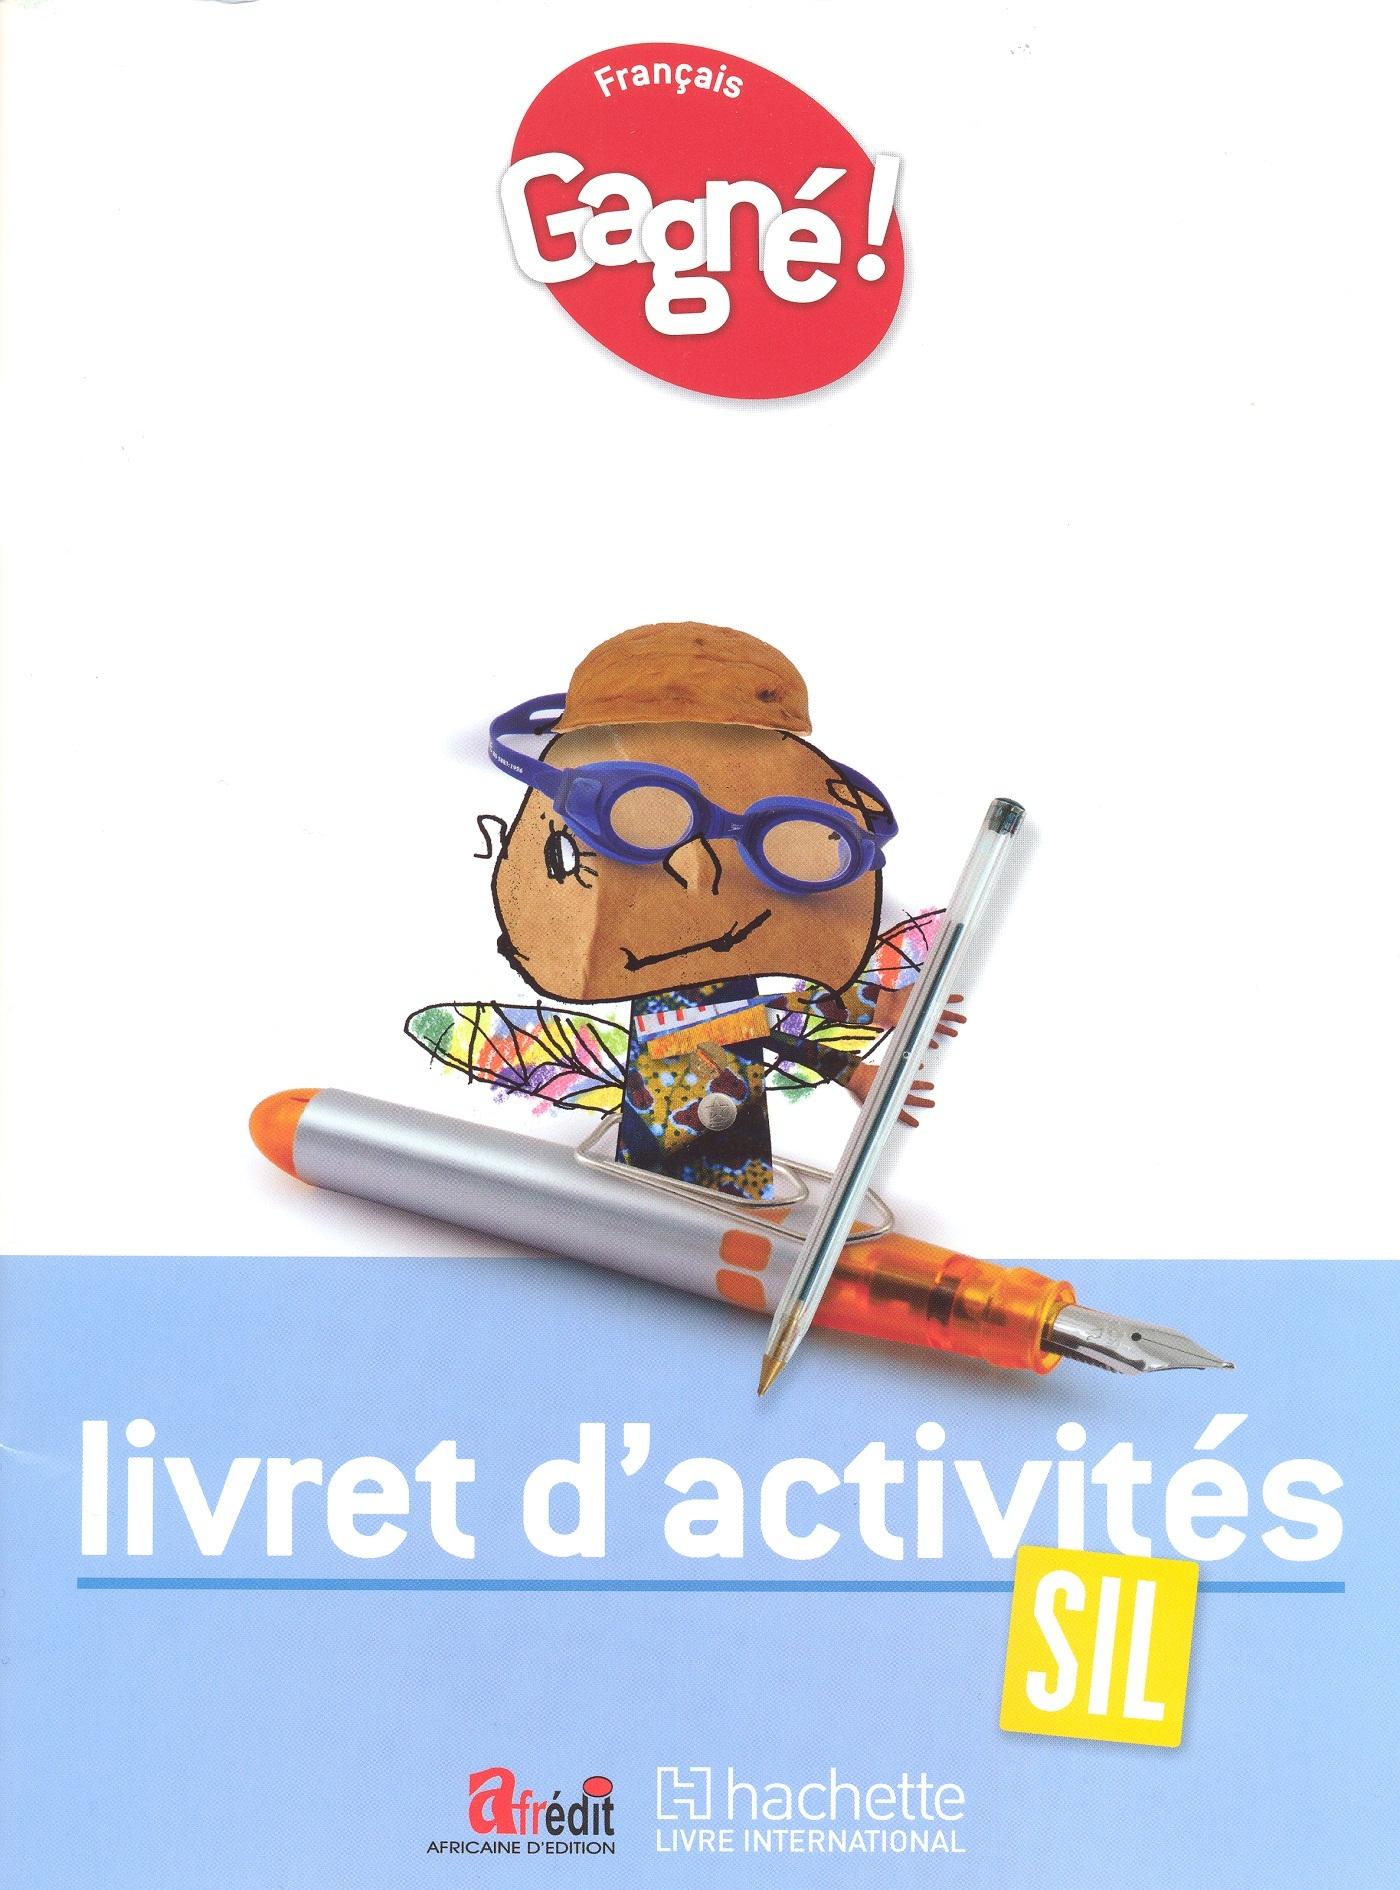 GAGNE ! FRANCAIS SIL LIVRET D'ACTIVITES - CAMEROUN